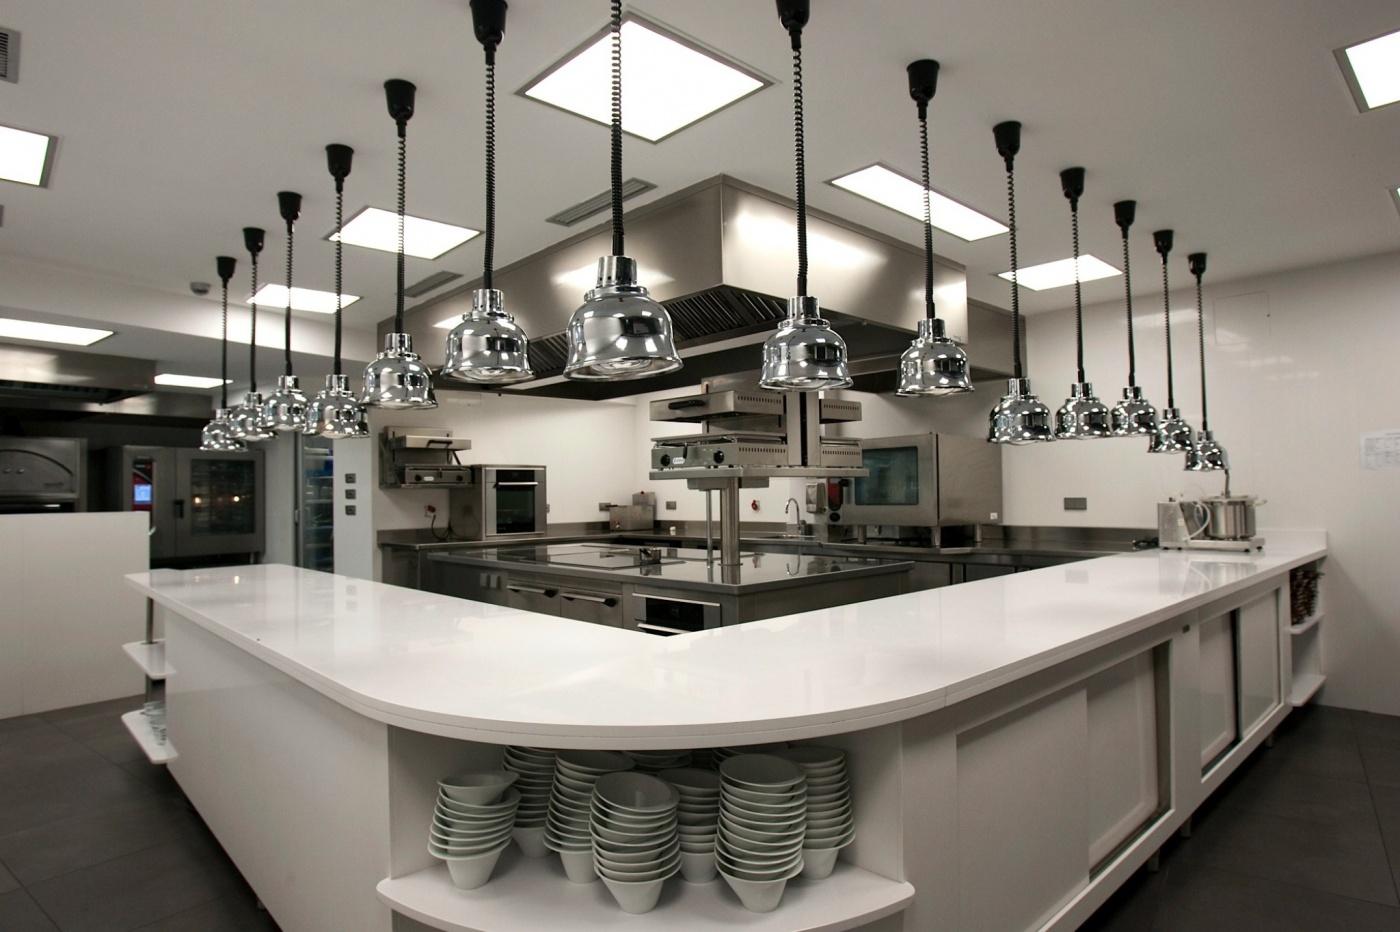 Quartzite Silestone Blanco Zeus Extreme Cuisine de restaurant